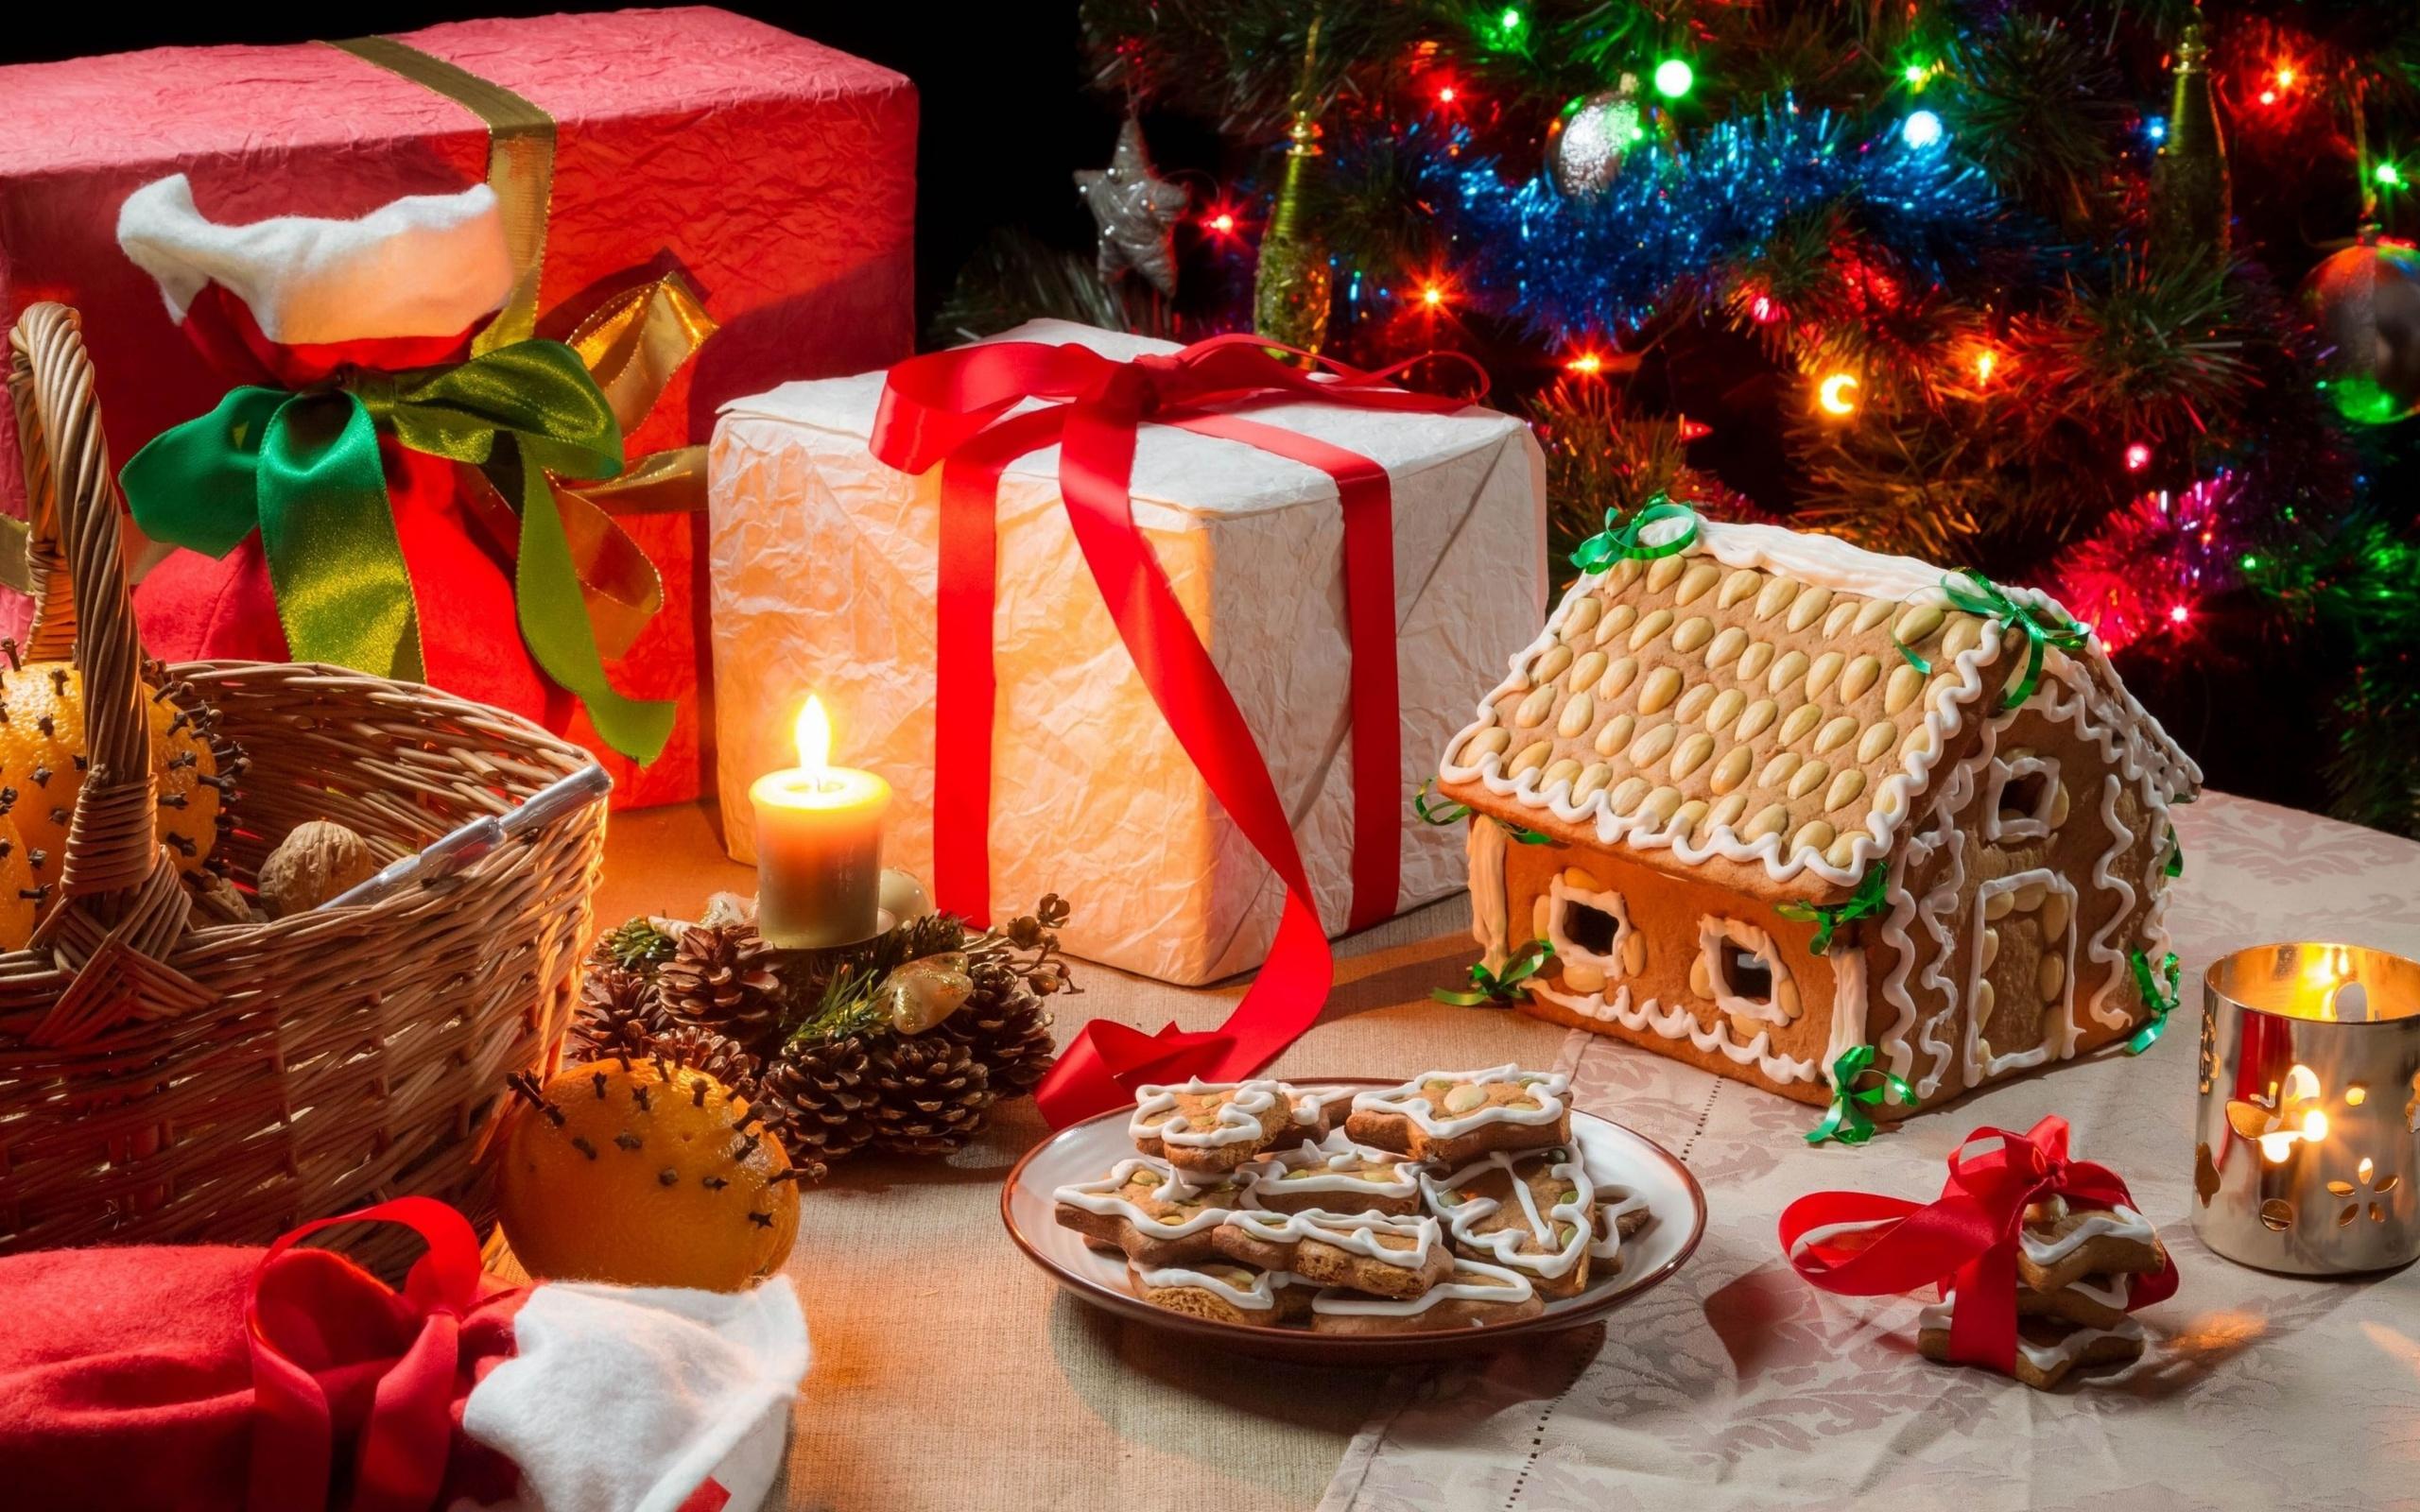 Помочь маме накрыть новогодний стол у нее в доме, также неплохой вариант подарка на новый год от дочки